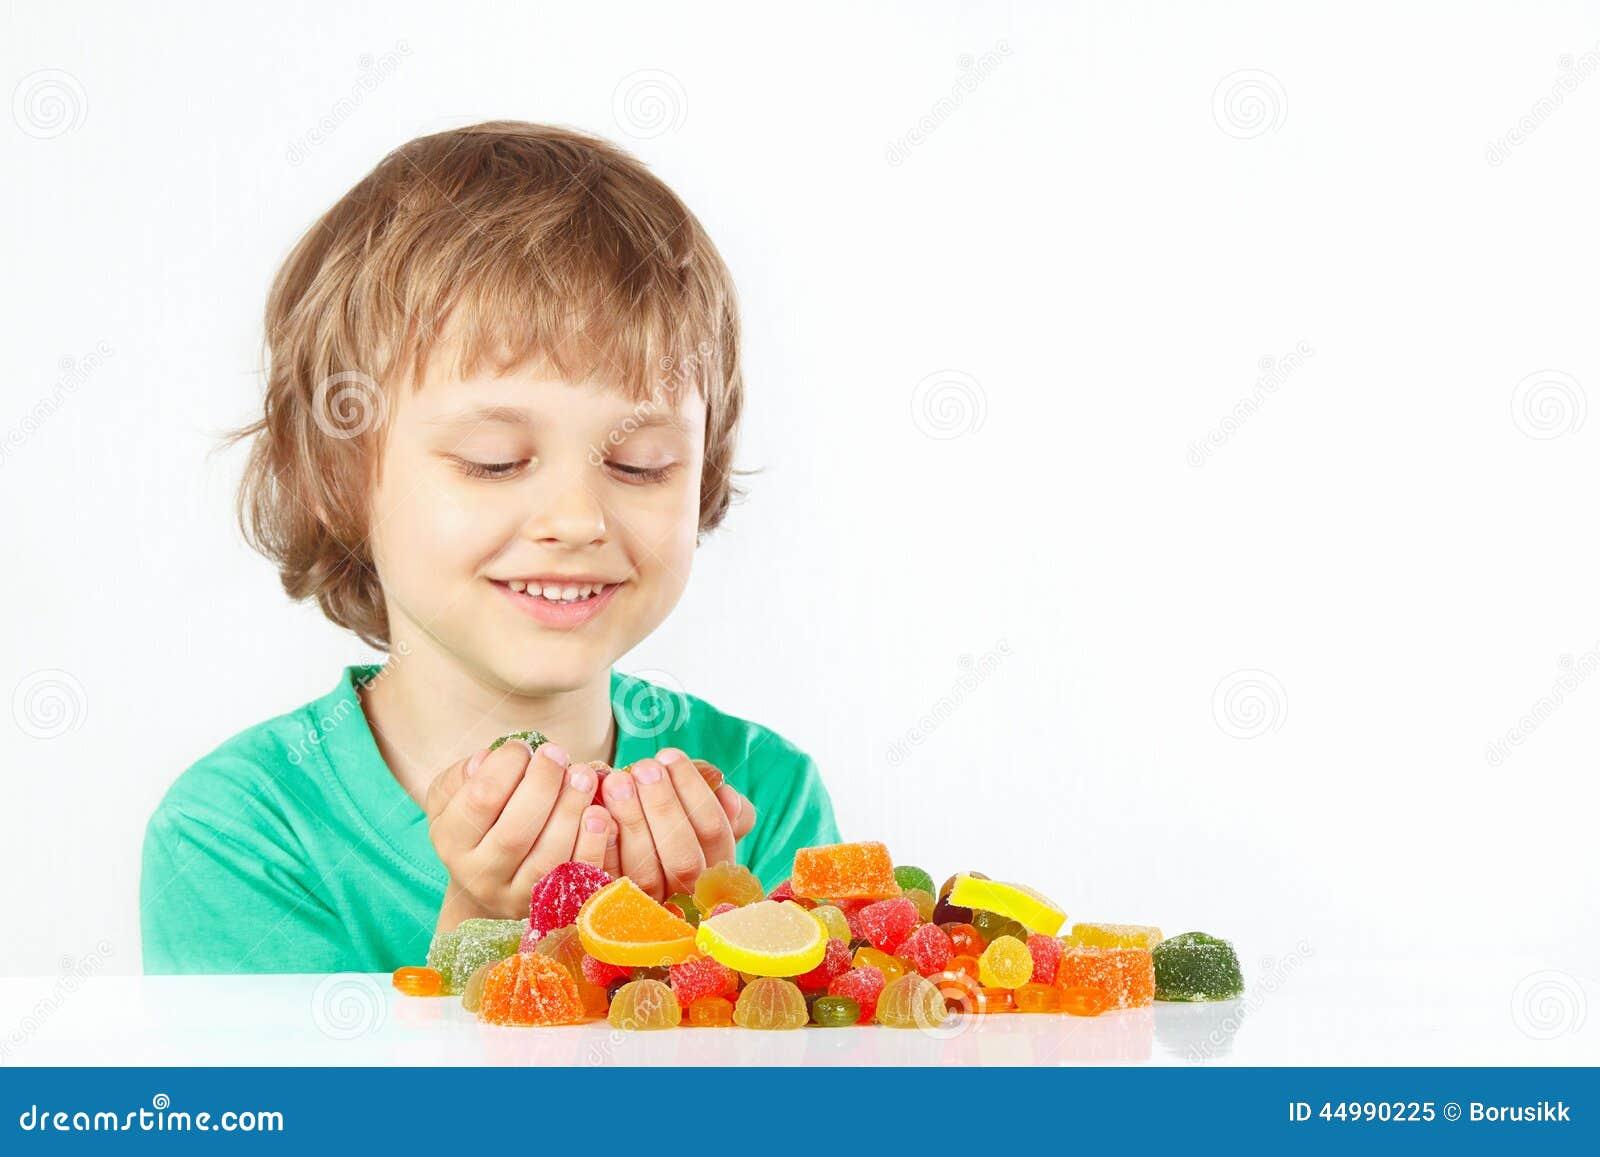 Glimlachende jongen met gekleurd snoepjes en geleisuikergoed op witte achtergrond